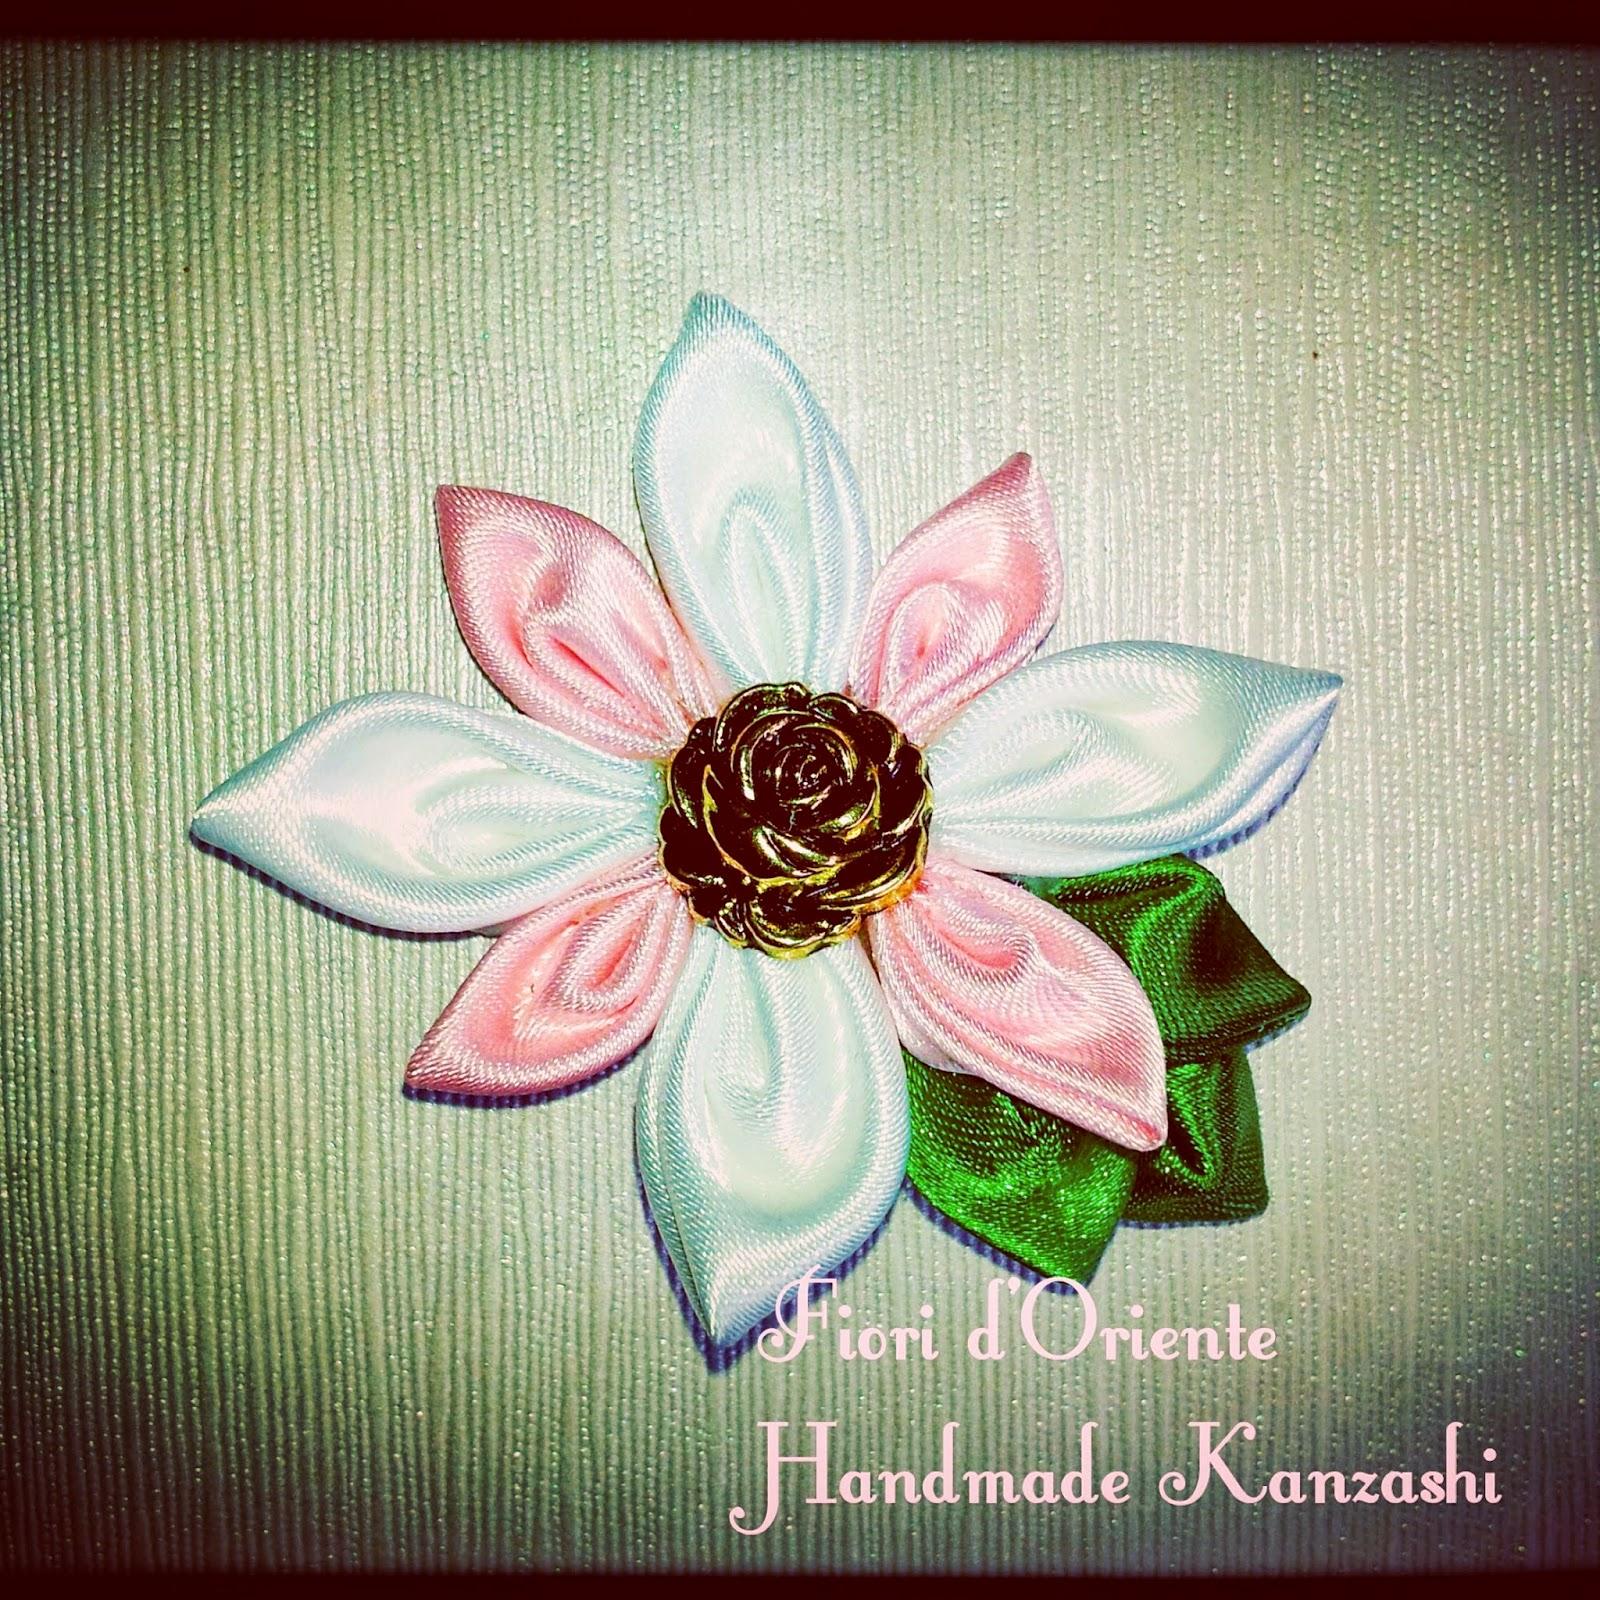 www.facebook.com/fioridoriente.